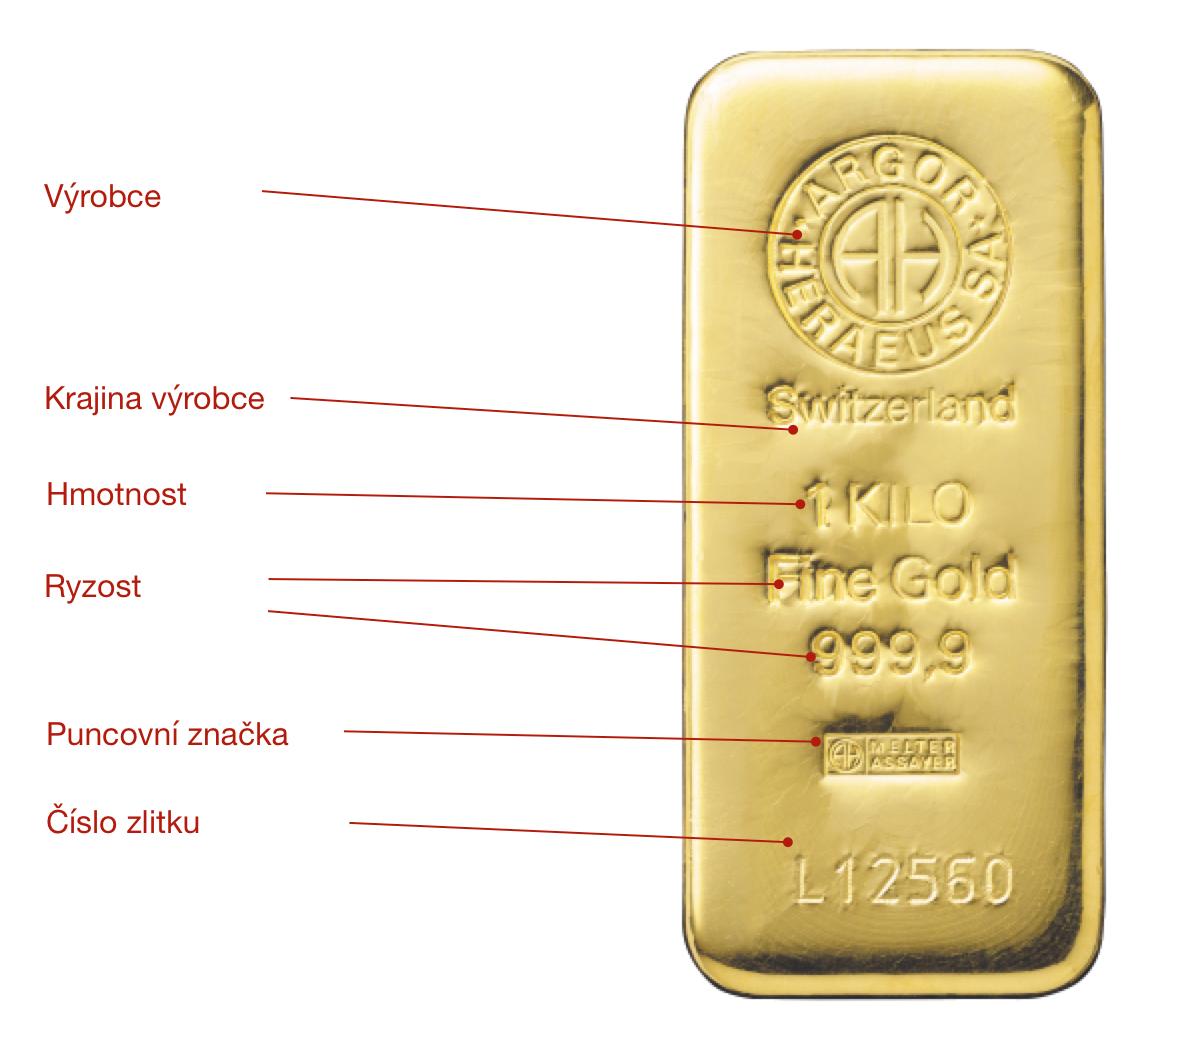 argor 250 g cz.png